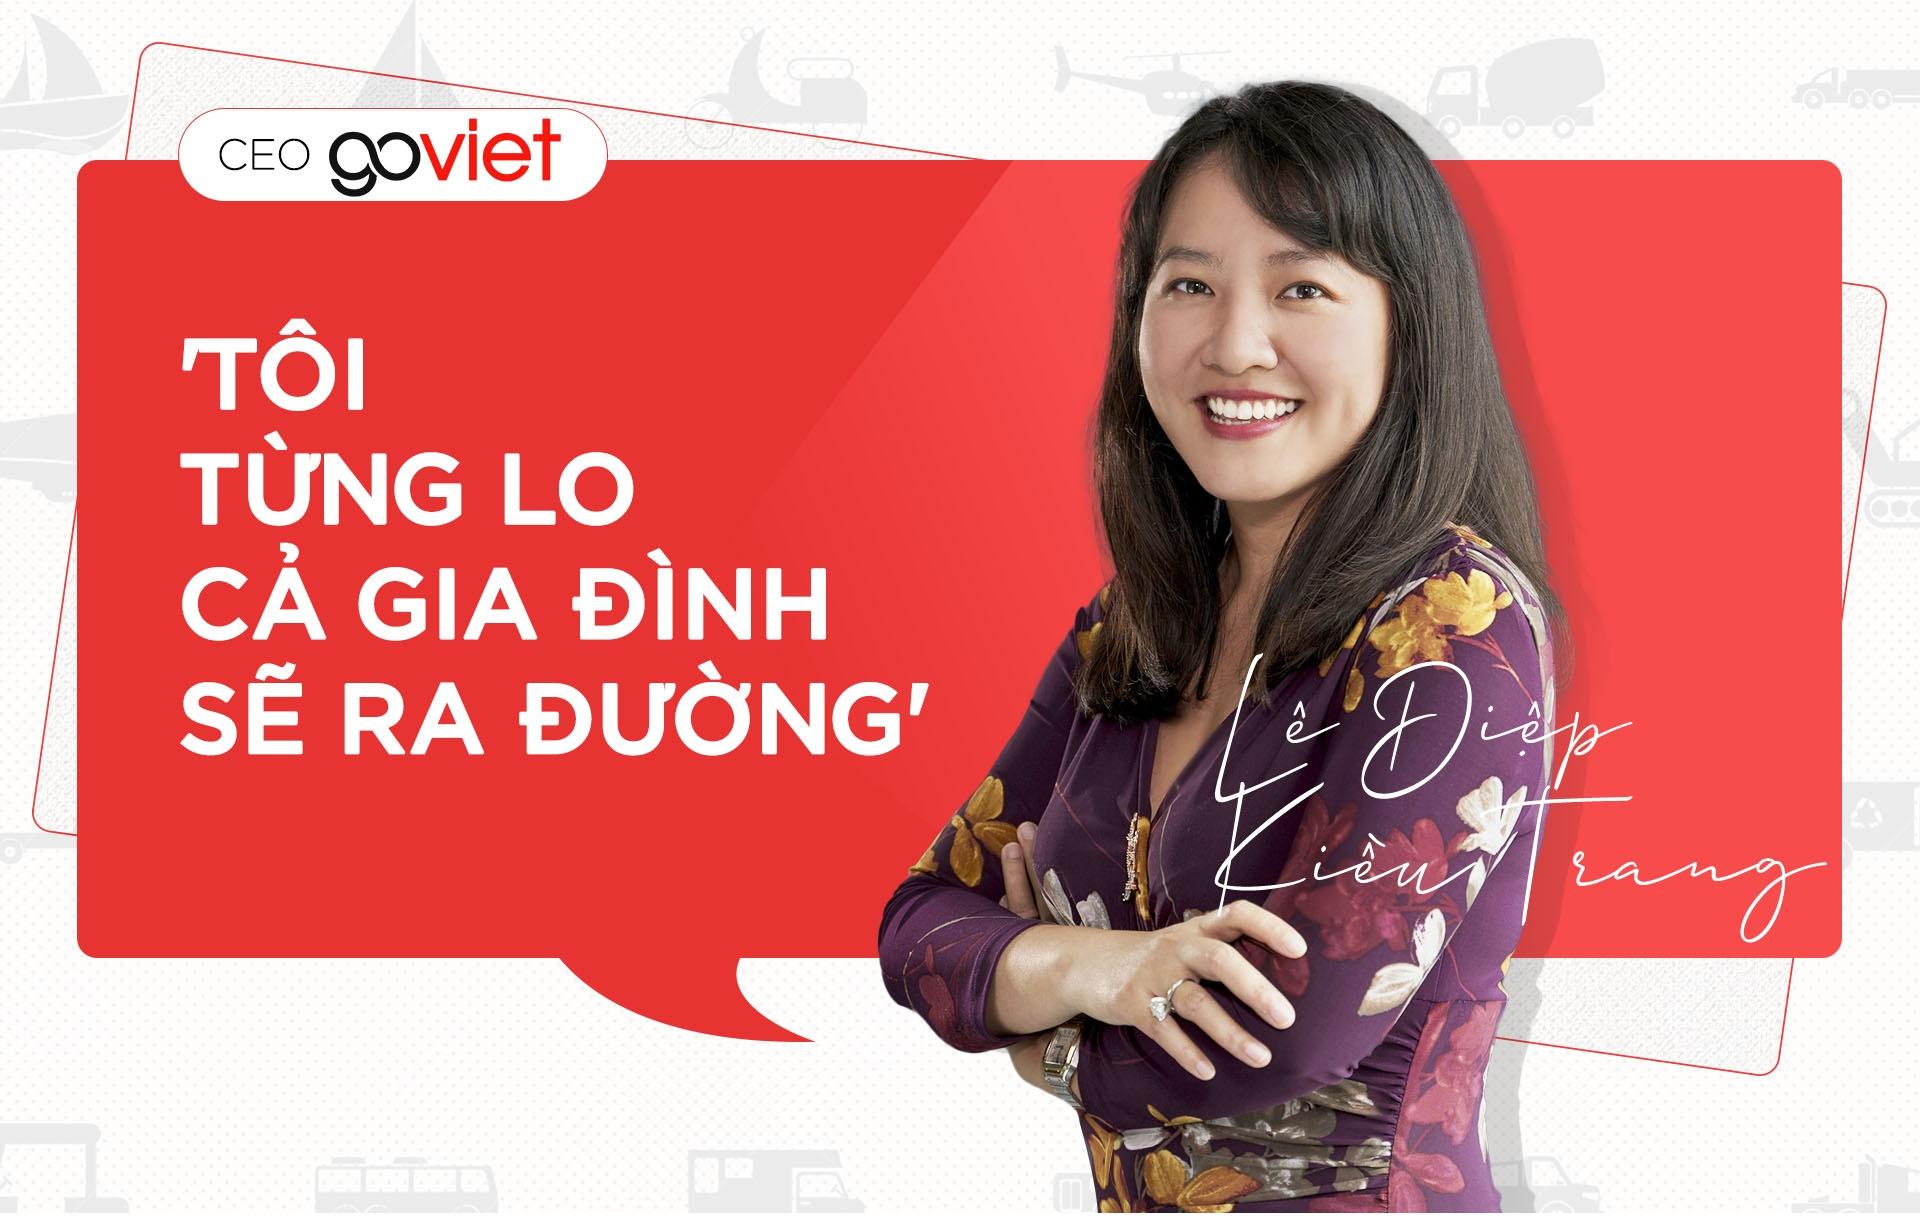 CEO Go-Viet Le Diep Kieu Trang: 'Toi tung lo ca gia dinh se ra duong' hinh anh 2